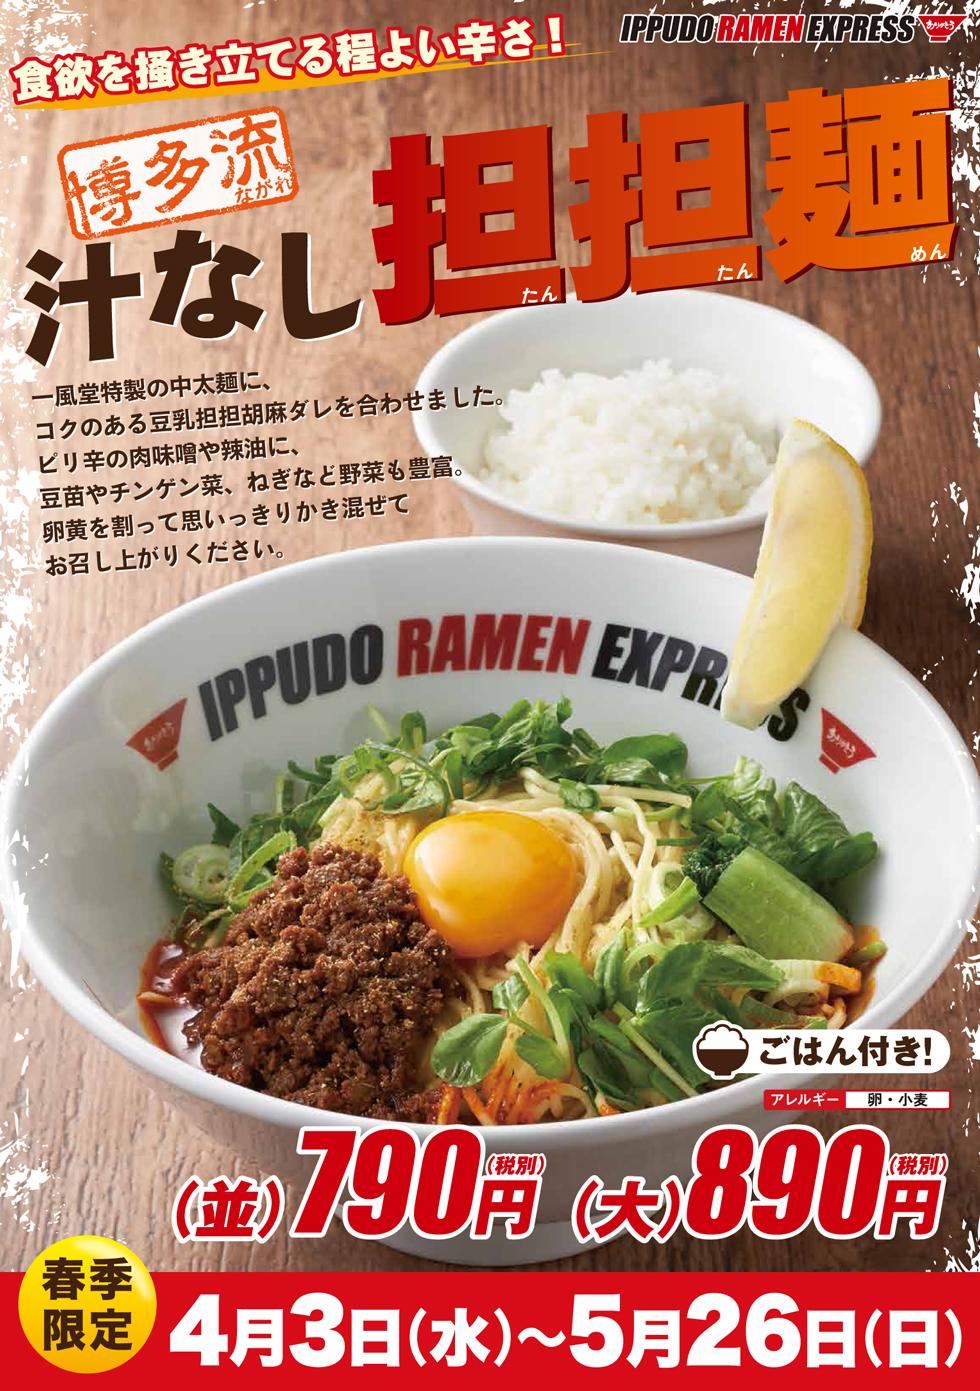 RAMEN EXPRESS 春季シーズナル 汁なし担担麺